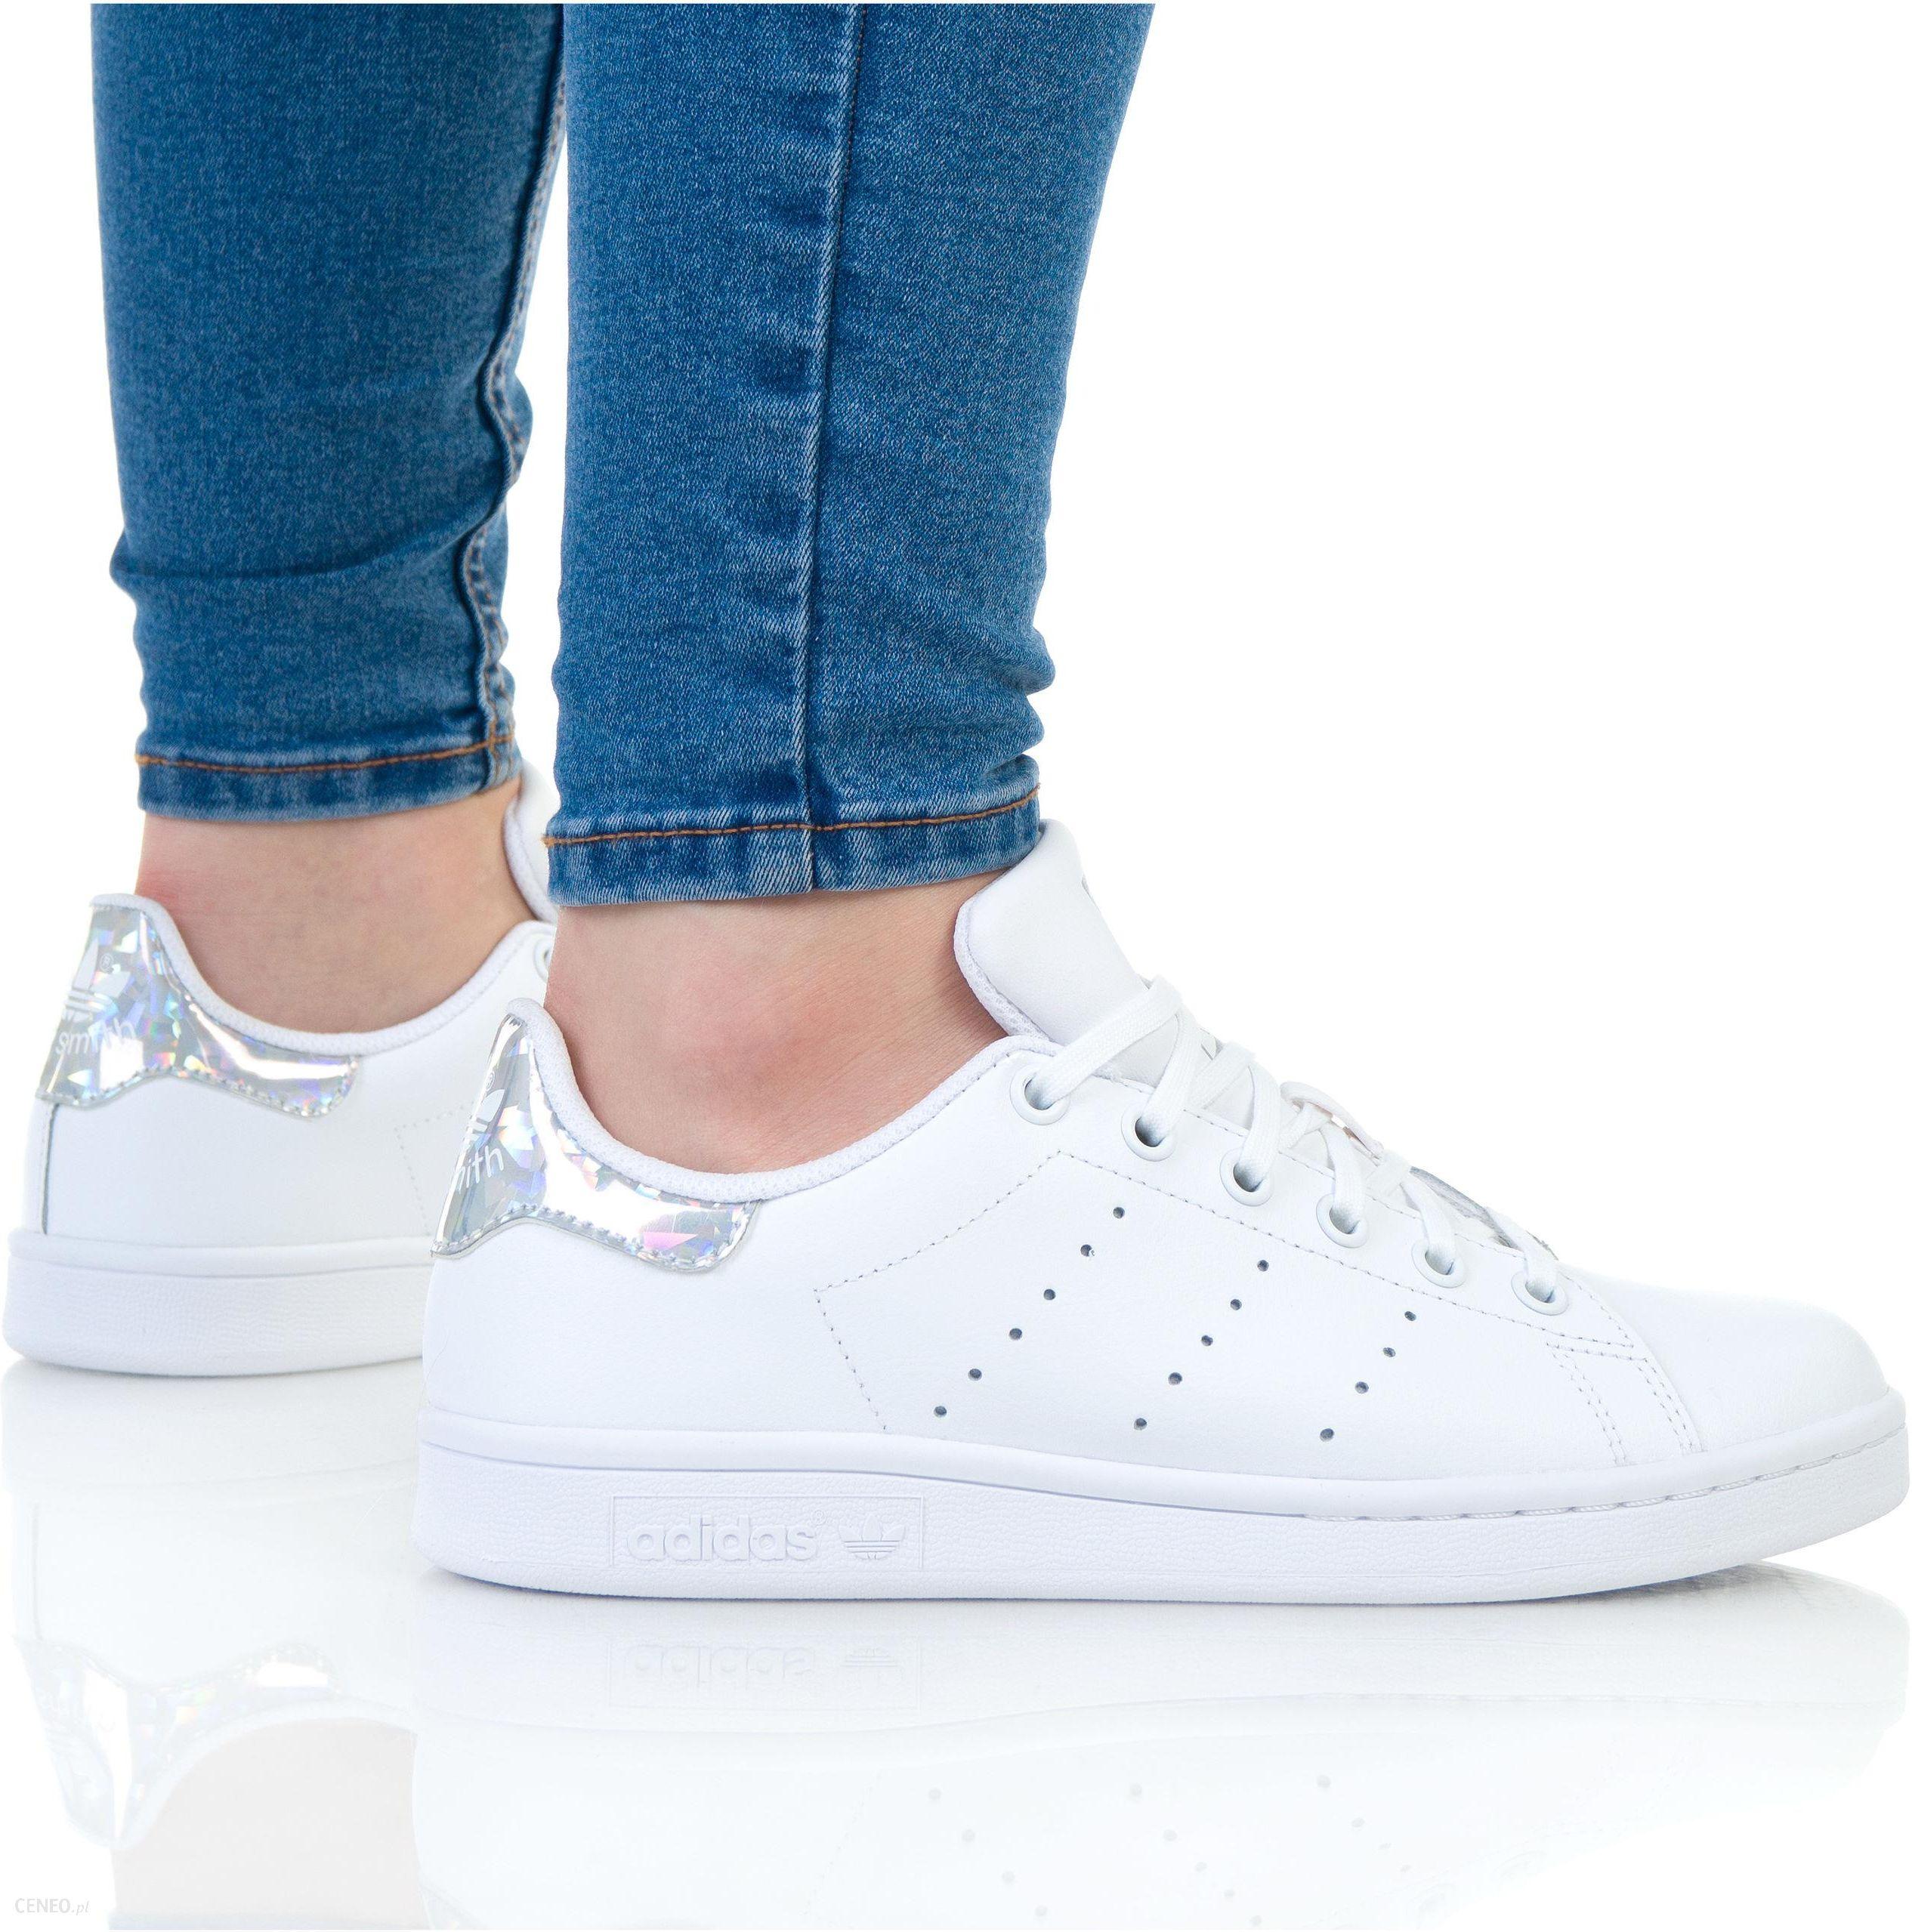 jakość wykonania najlepsza moda tania wyprzedaż Buty Adidas Damskie Stan Smith J EE8483 Białe - Ceny i opinie - Ceneo.pl